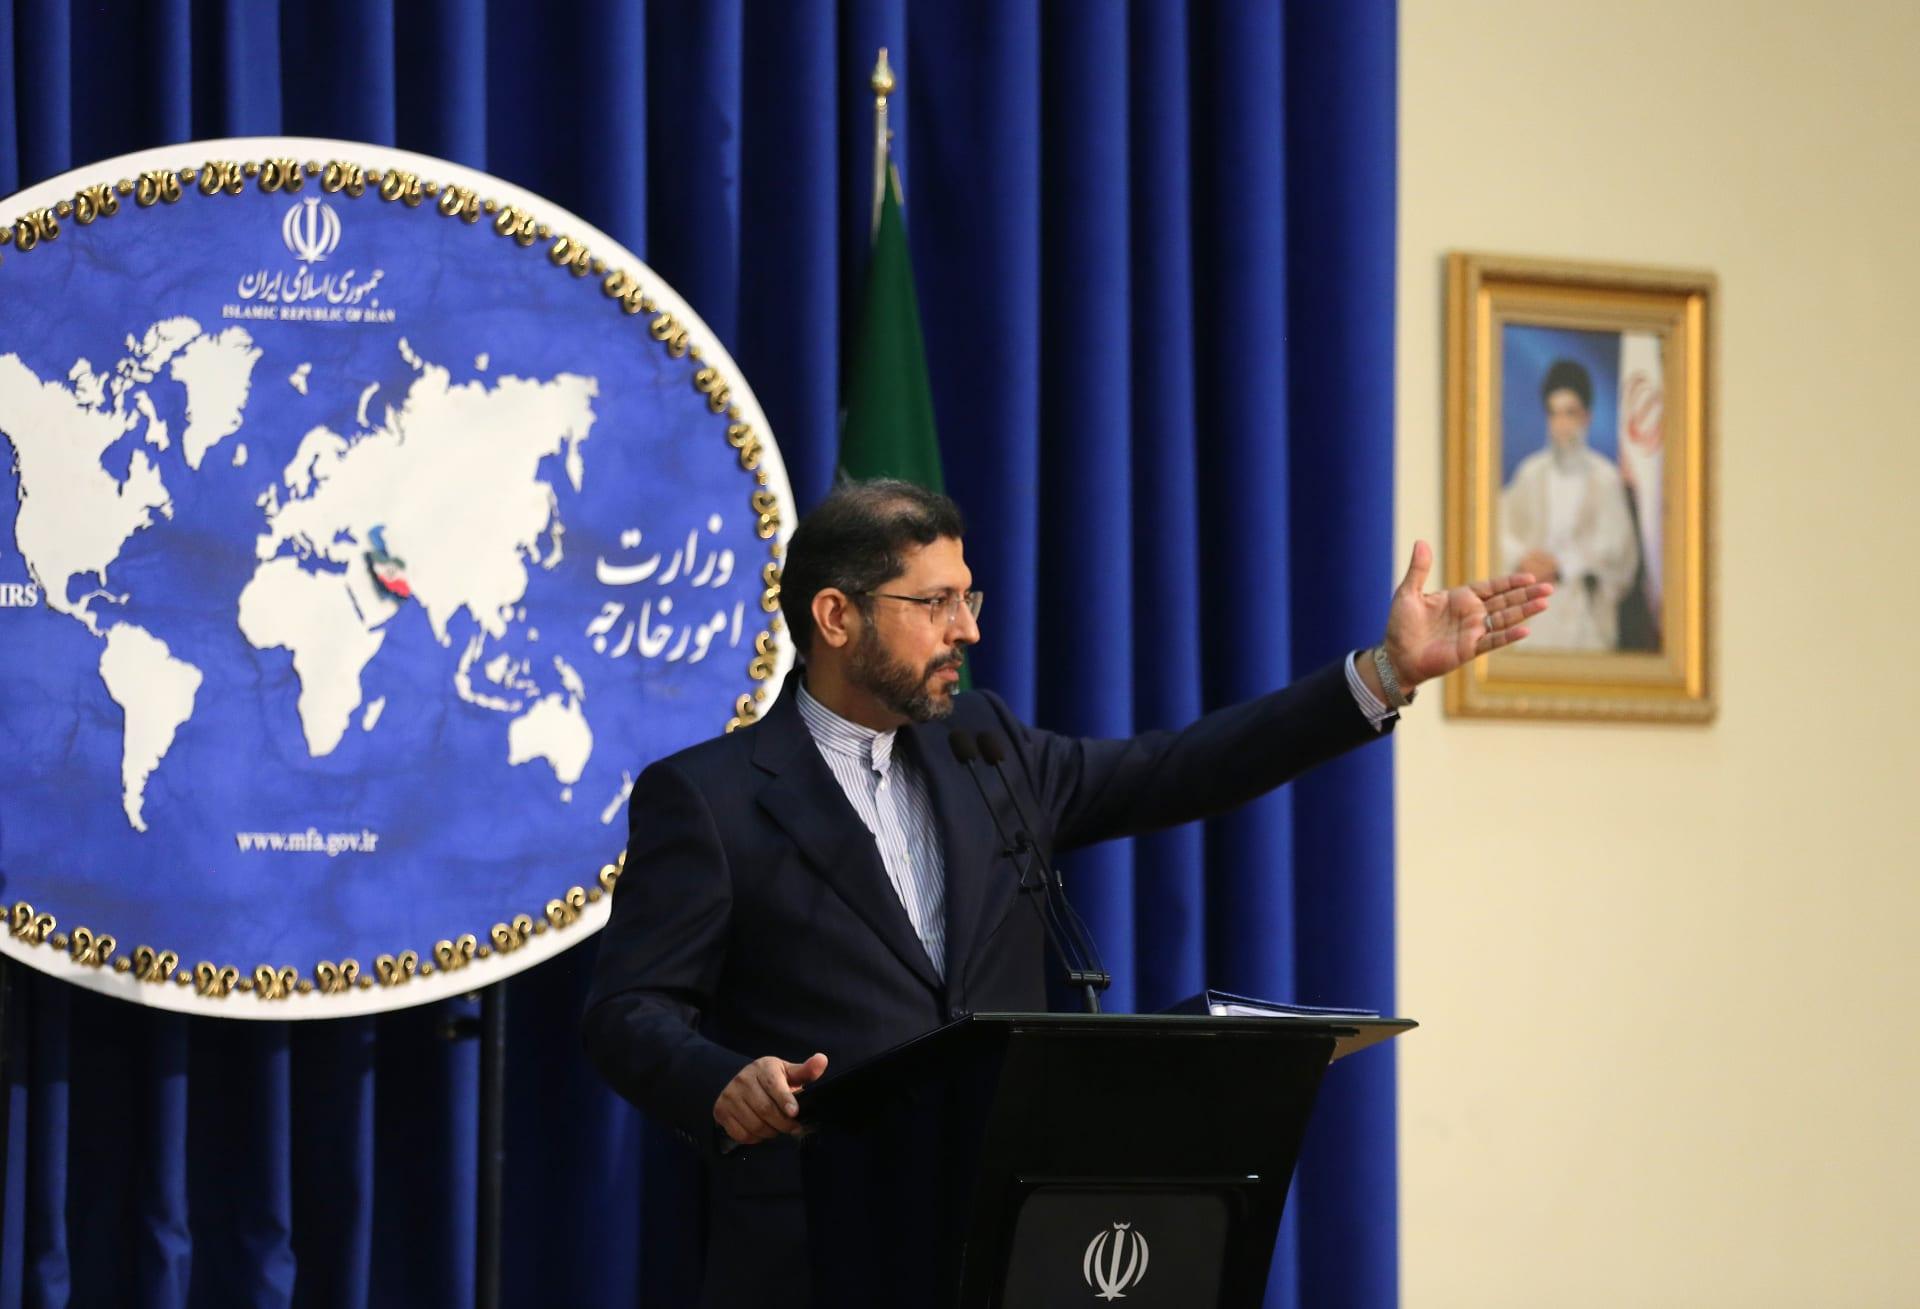 سعيد خطيب زادة، المتحدث باسم الخارجية الإيرانية